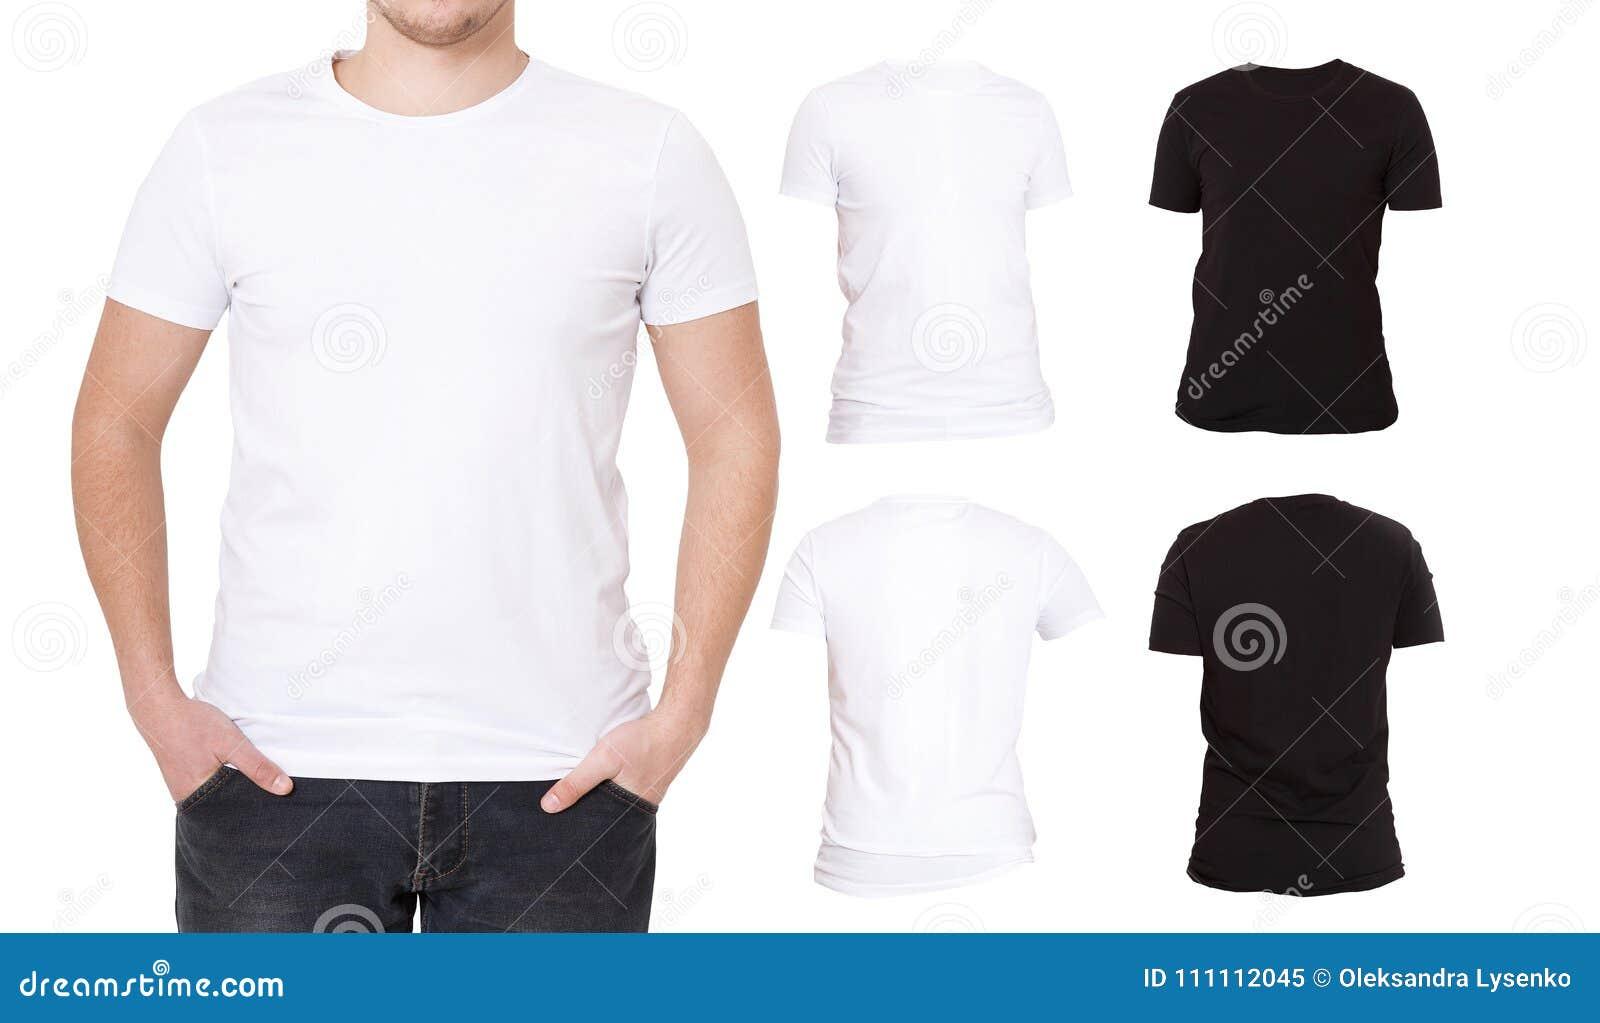 Μπλούζες κολάζ Ο Μαύρος, λευκός Μπροστινό και πίσω πουκάμισο άποψης Πρότυπο Μακρο σύνολο μπλουζών που απομονώνεται Κενή διαφήμιση